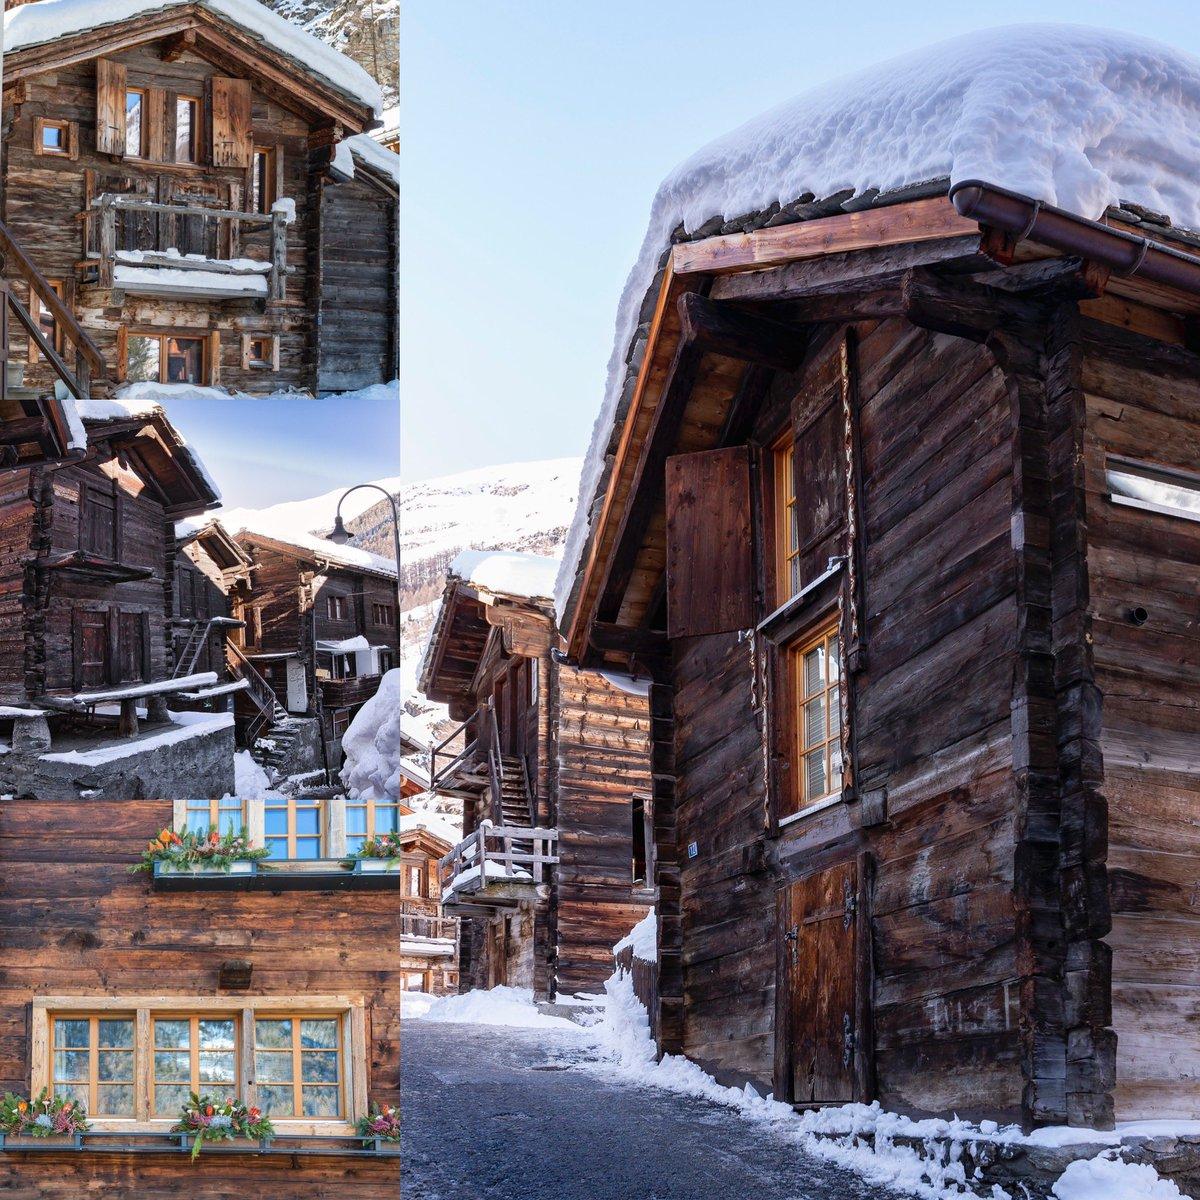 Zermatt,🇨🇭#zermatt #switzerland #matterhorn #mountains #swissalps #swiss #zermattmatterhorn #alps #zermattswitzerland #schweiz #snow #wallis #valais #nature #myswitzerland #travel #ski #inlovewithswitzerland #suisse #visitswitzerland #skiing #winter #photography #glacier #gstaad